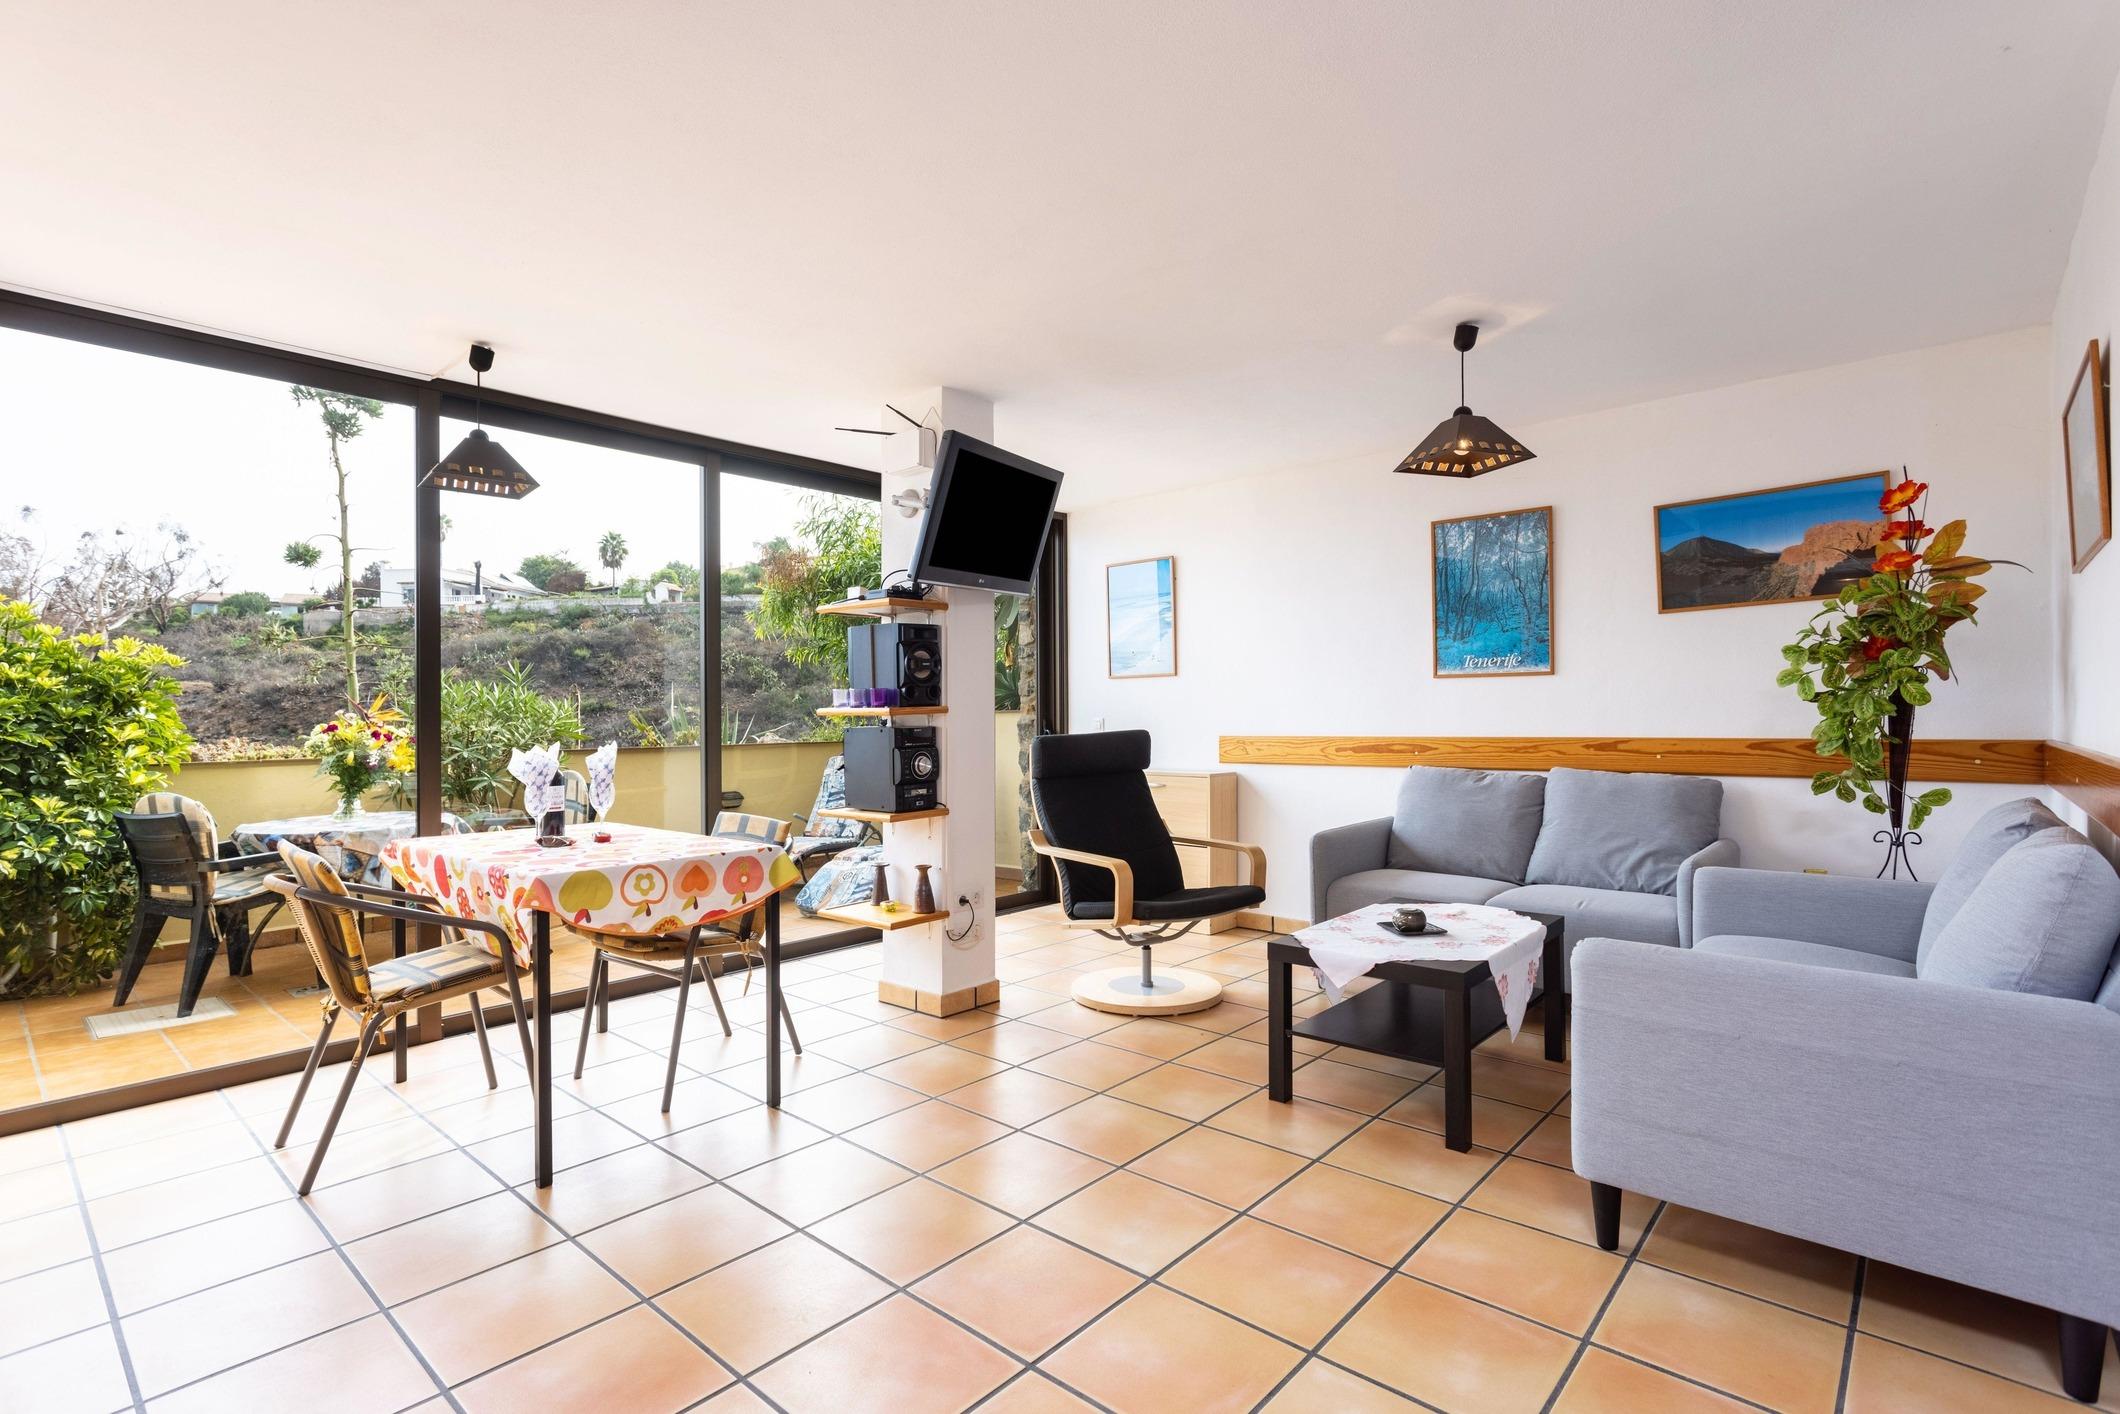 Appartement de vacances Fewo Rocamar, auf dem Felsen über dem Meer mit toller Sicht, 2 Terrassen, Pool, Grill und  (2492985), Santa Ursula, Ténérife, Iles Canaries, Espagne, image 8